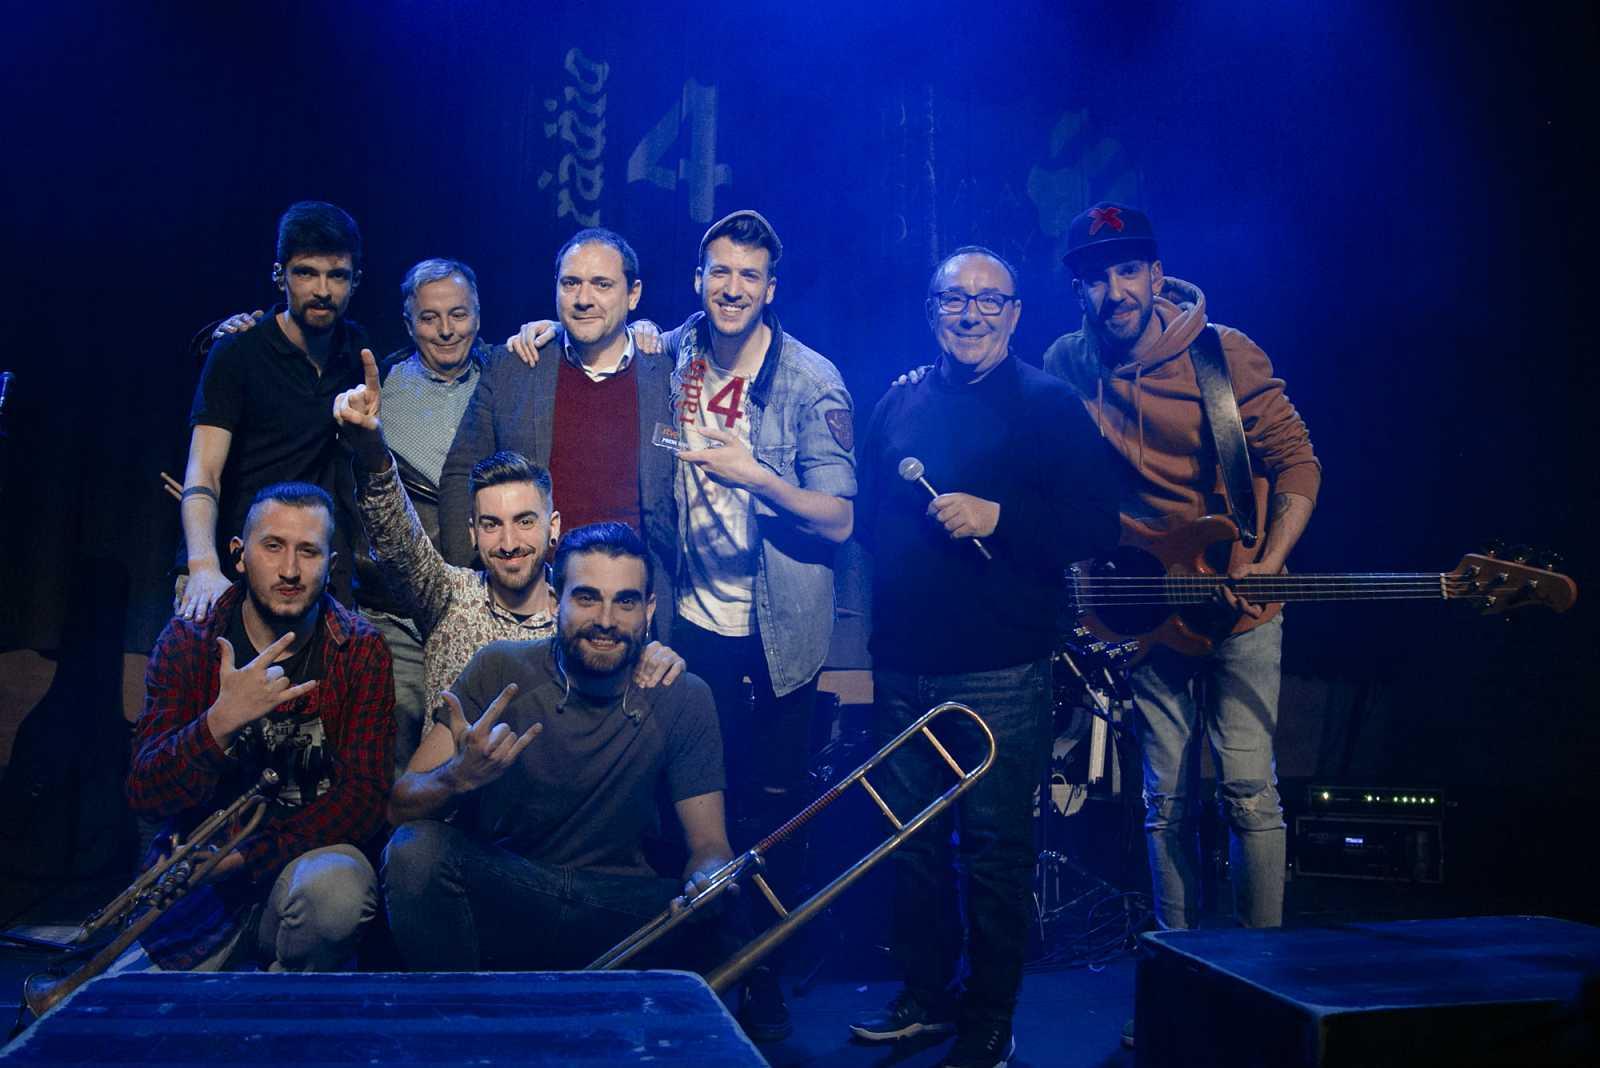 Foto de família a l'escenari del grup Porto Bello amb el guardó del premi Disc Català de Ràdio 4 2019